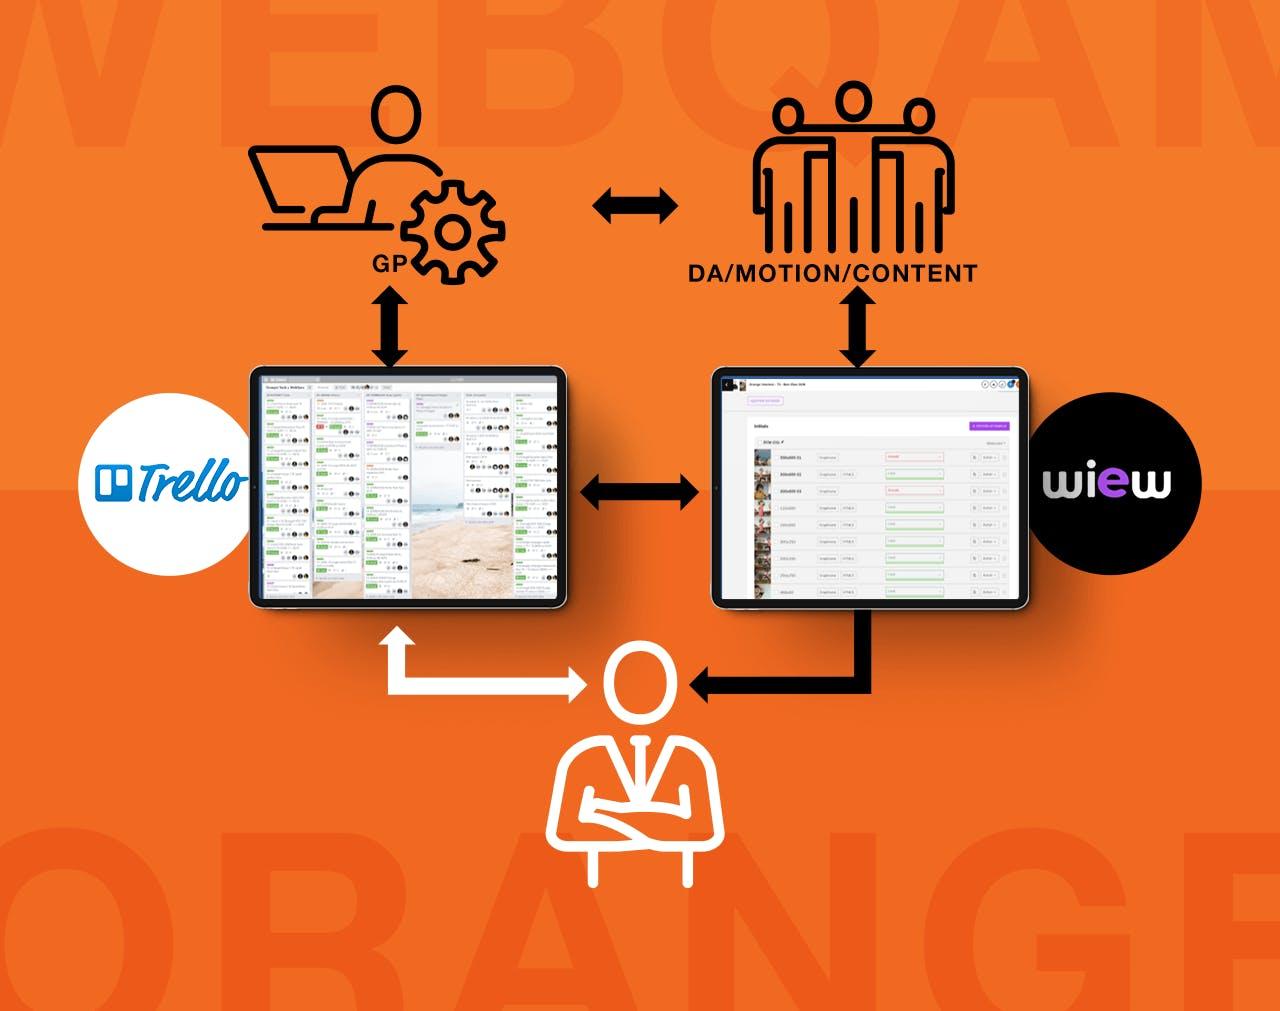 Schéma représentant le processus de production de l'agence Webqam à l'aide d'outils : Trello et Wiew